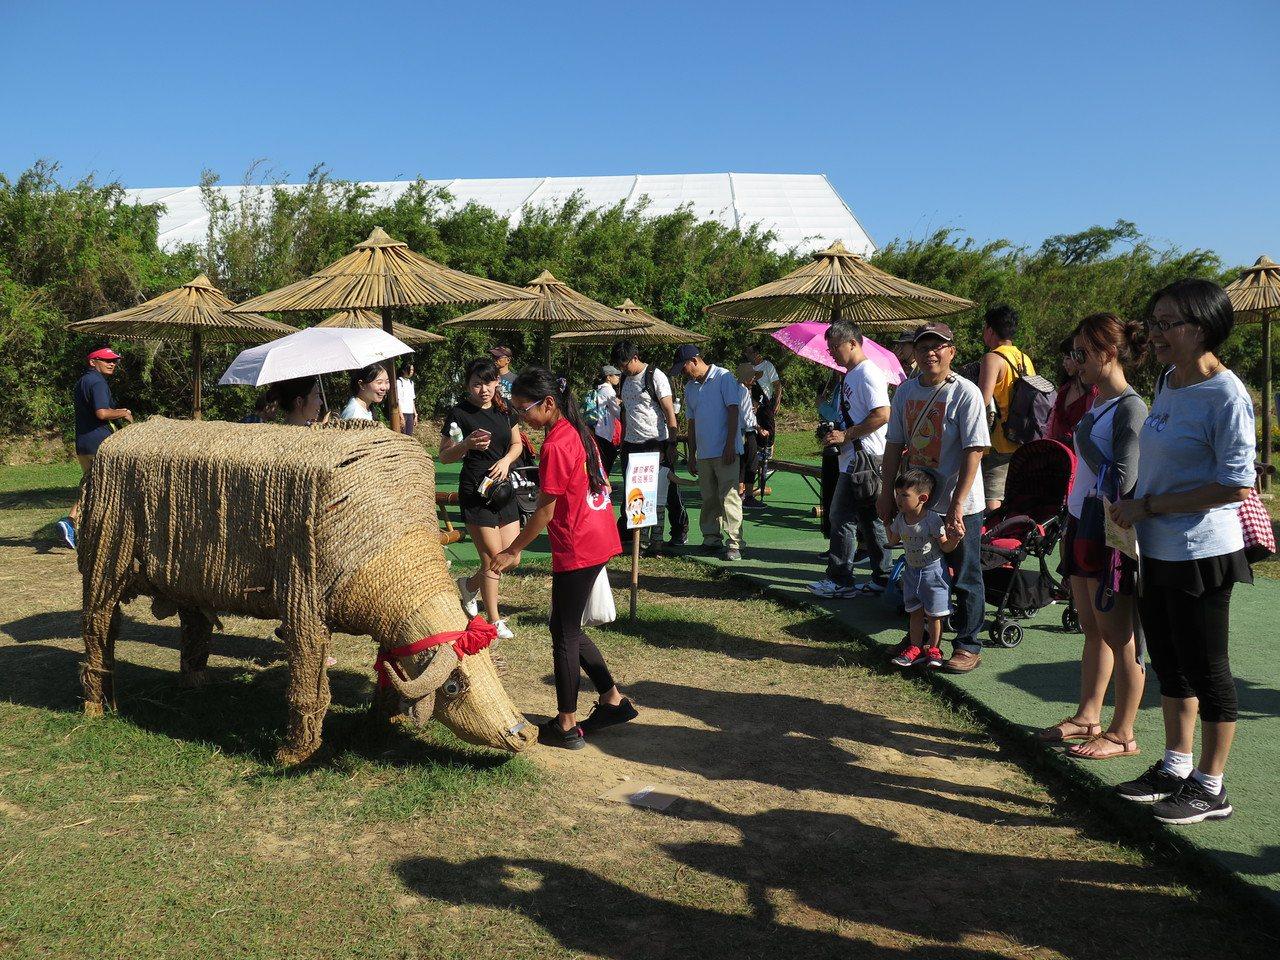 桃園農業博覽會登場將展至27日,即將落幕。記者張裕珍/攝影